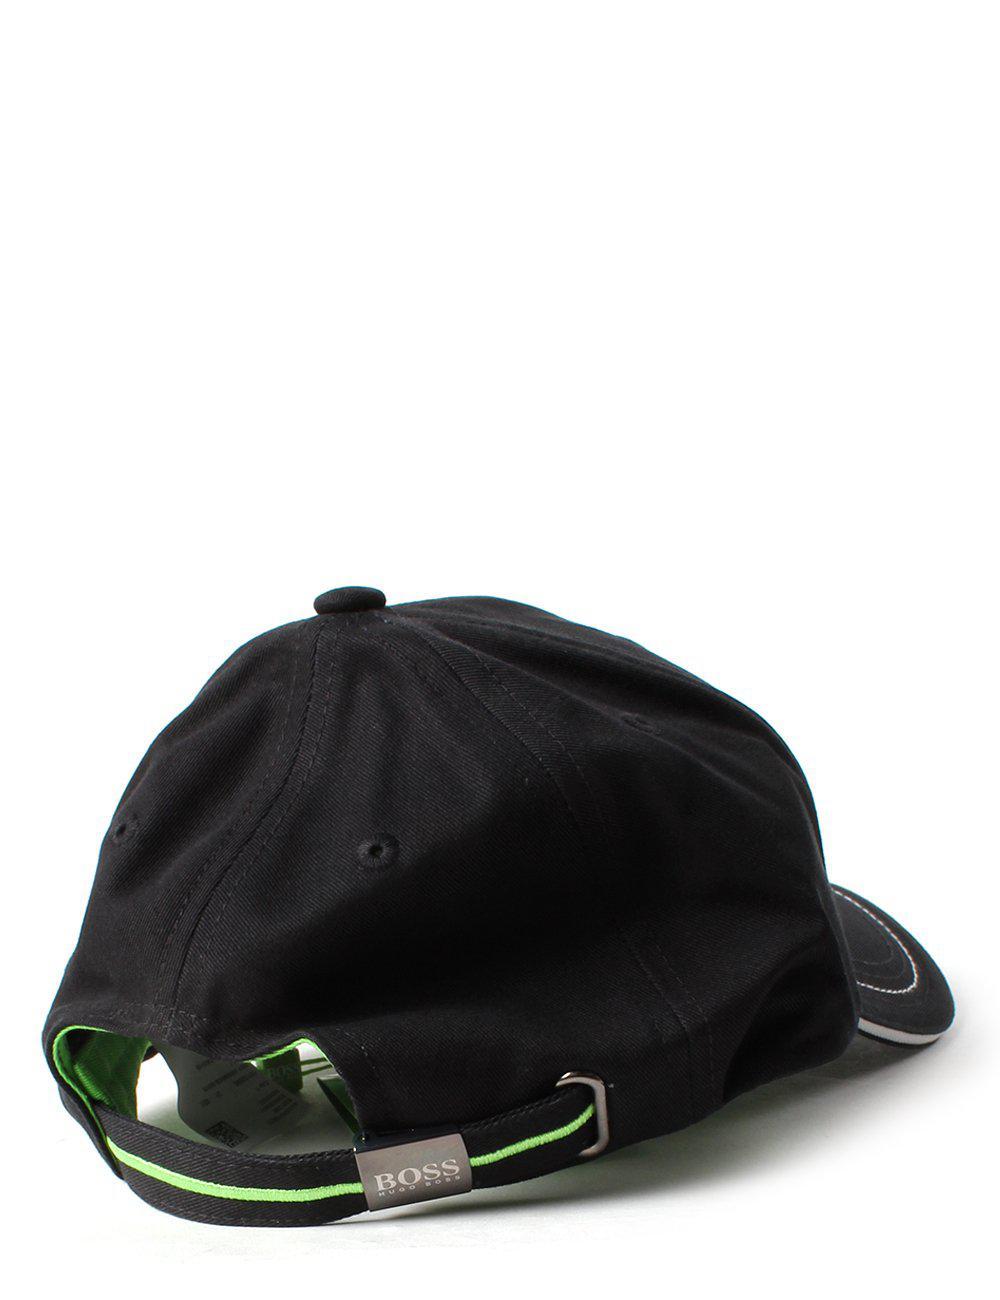 f053c0463fcbd4 BOSS Athleisure Cap 1 Men's Logo Cap Black in Black for Men - Lyst